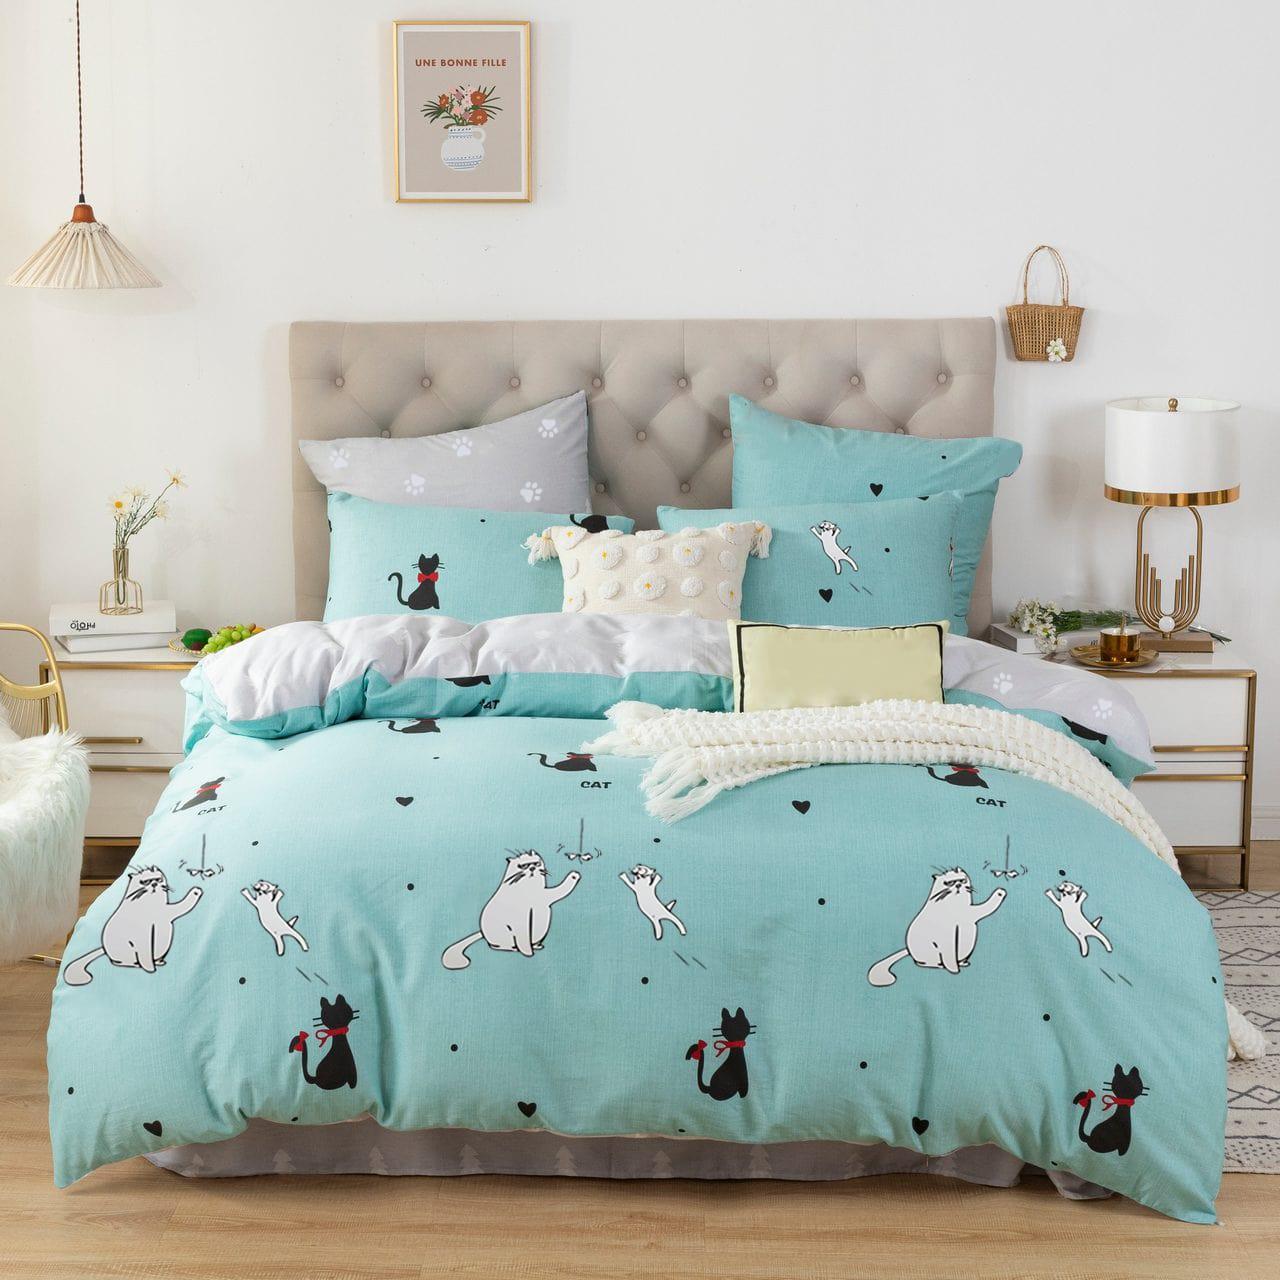 Комплект постельного белья 2-спальный, поплин (Коты)